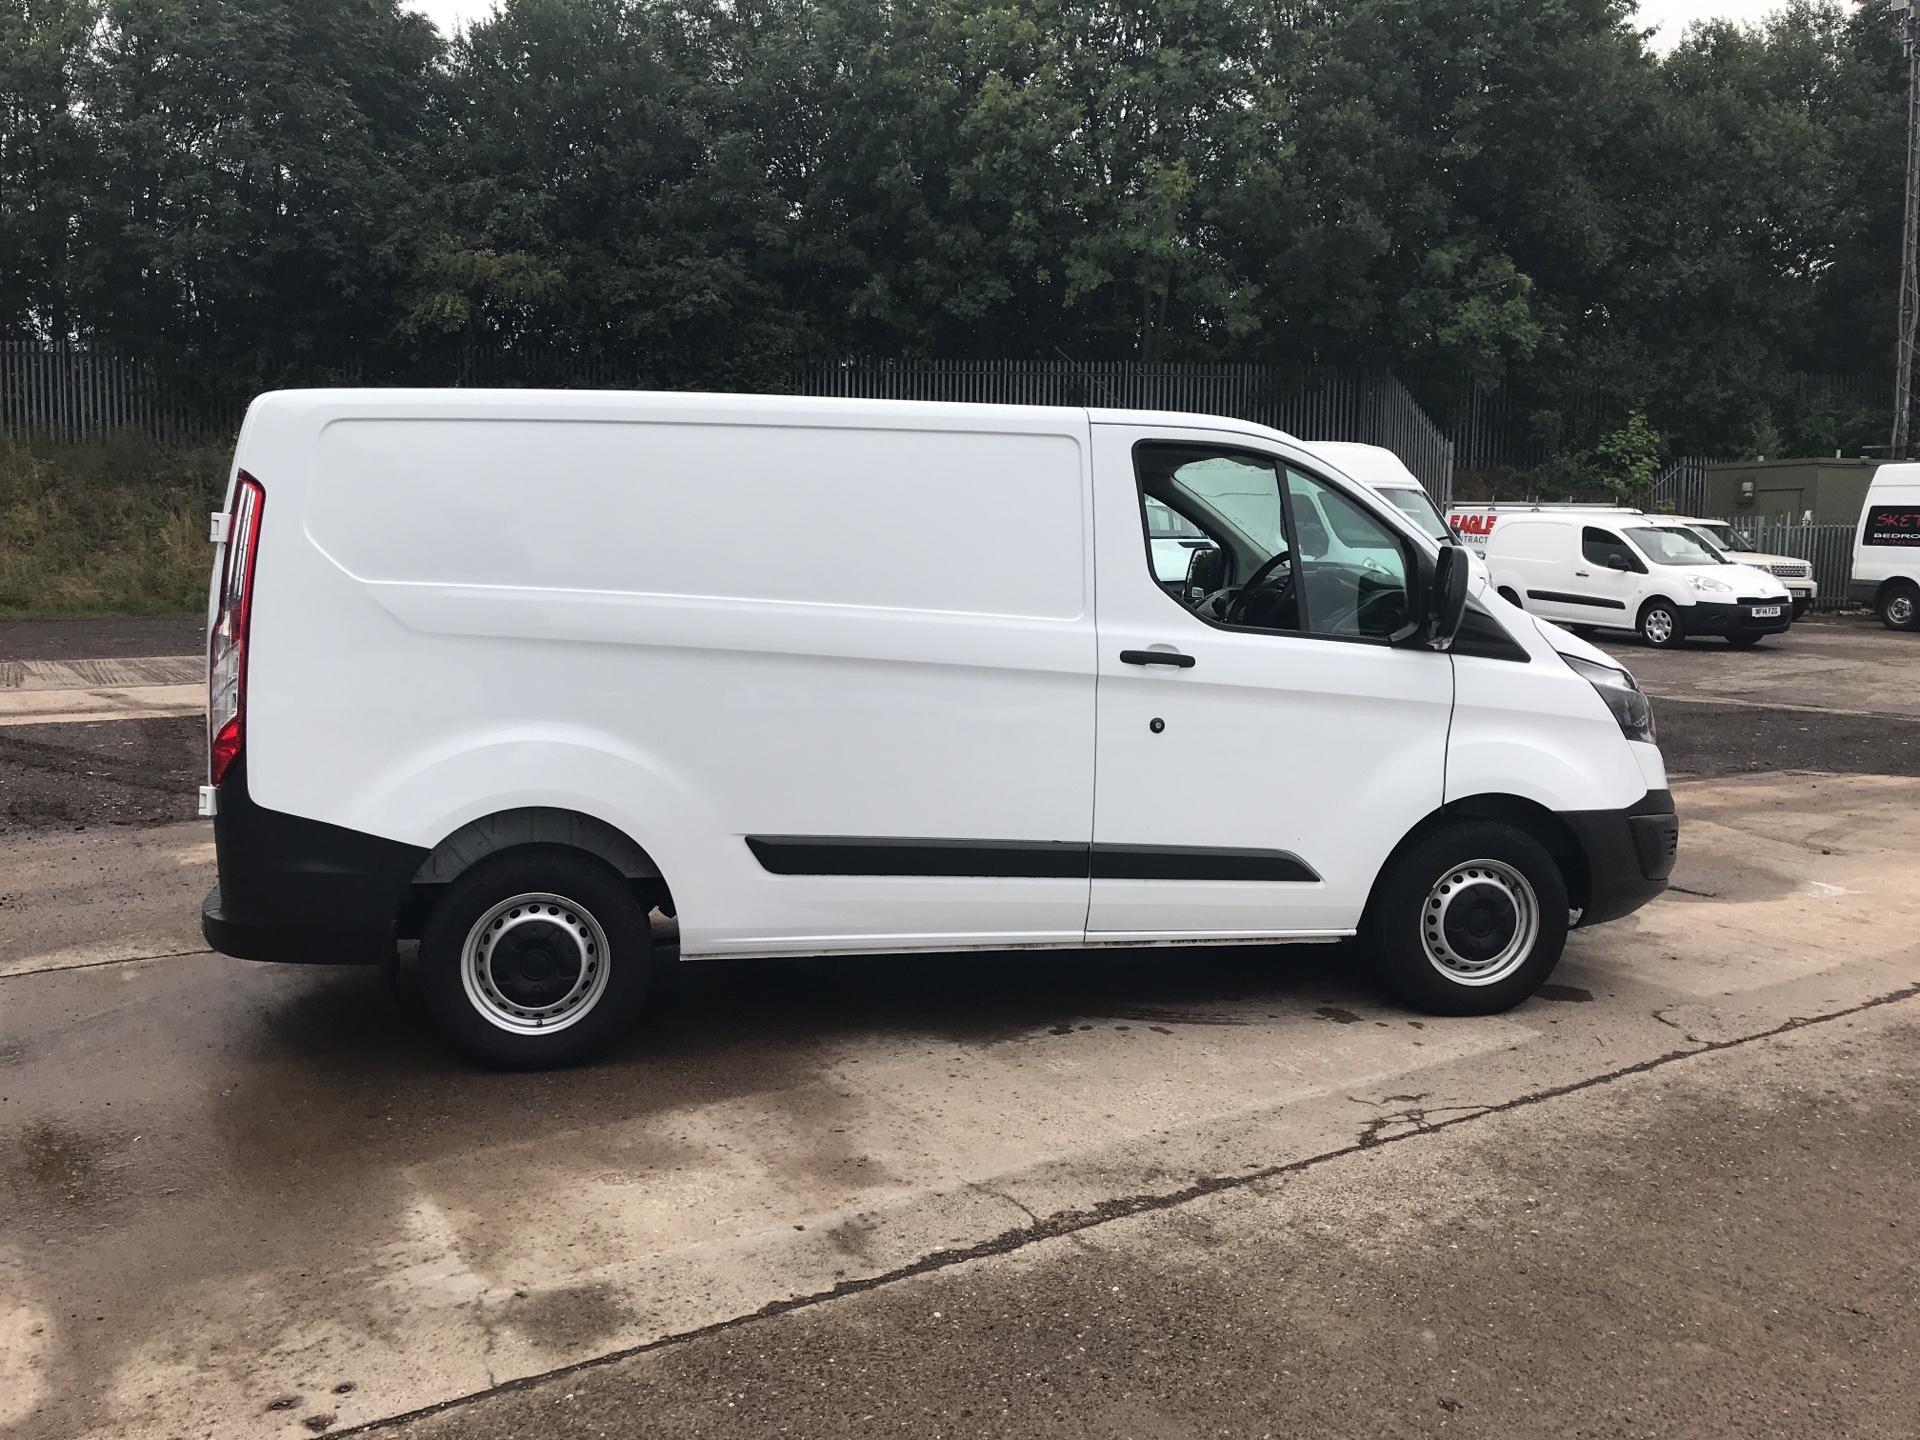 2017 Ford Transit Custom 270 L1 DIESEL FWD 2.2 TDCI 105PS LOW ROOF VAN EURO 5 (SK17ZYG) Image 2